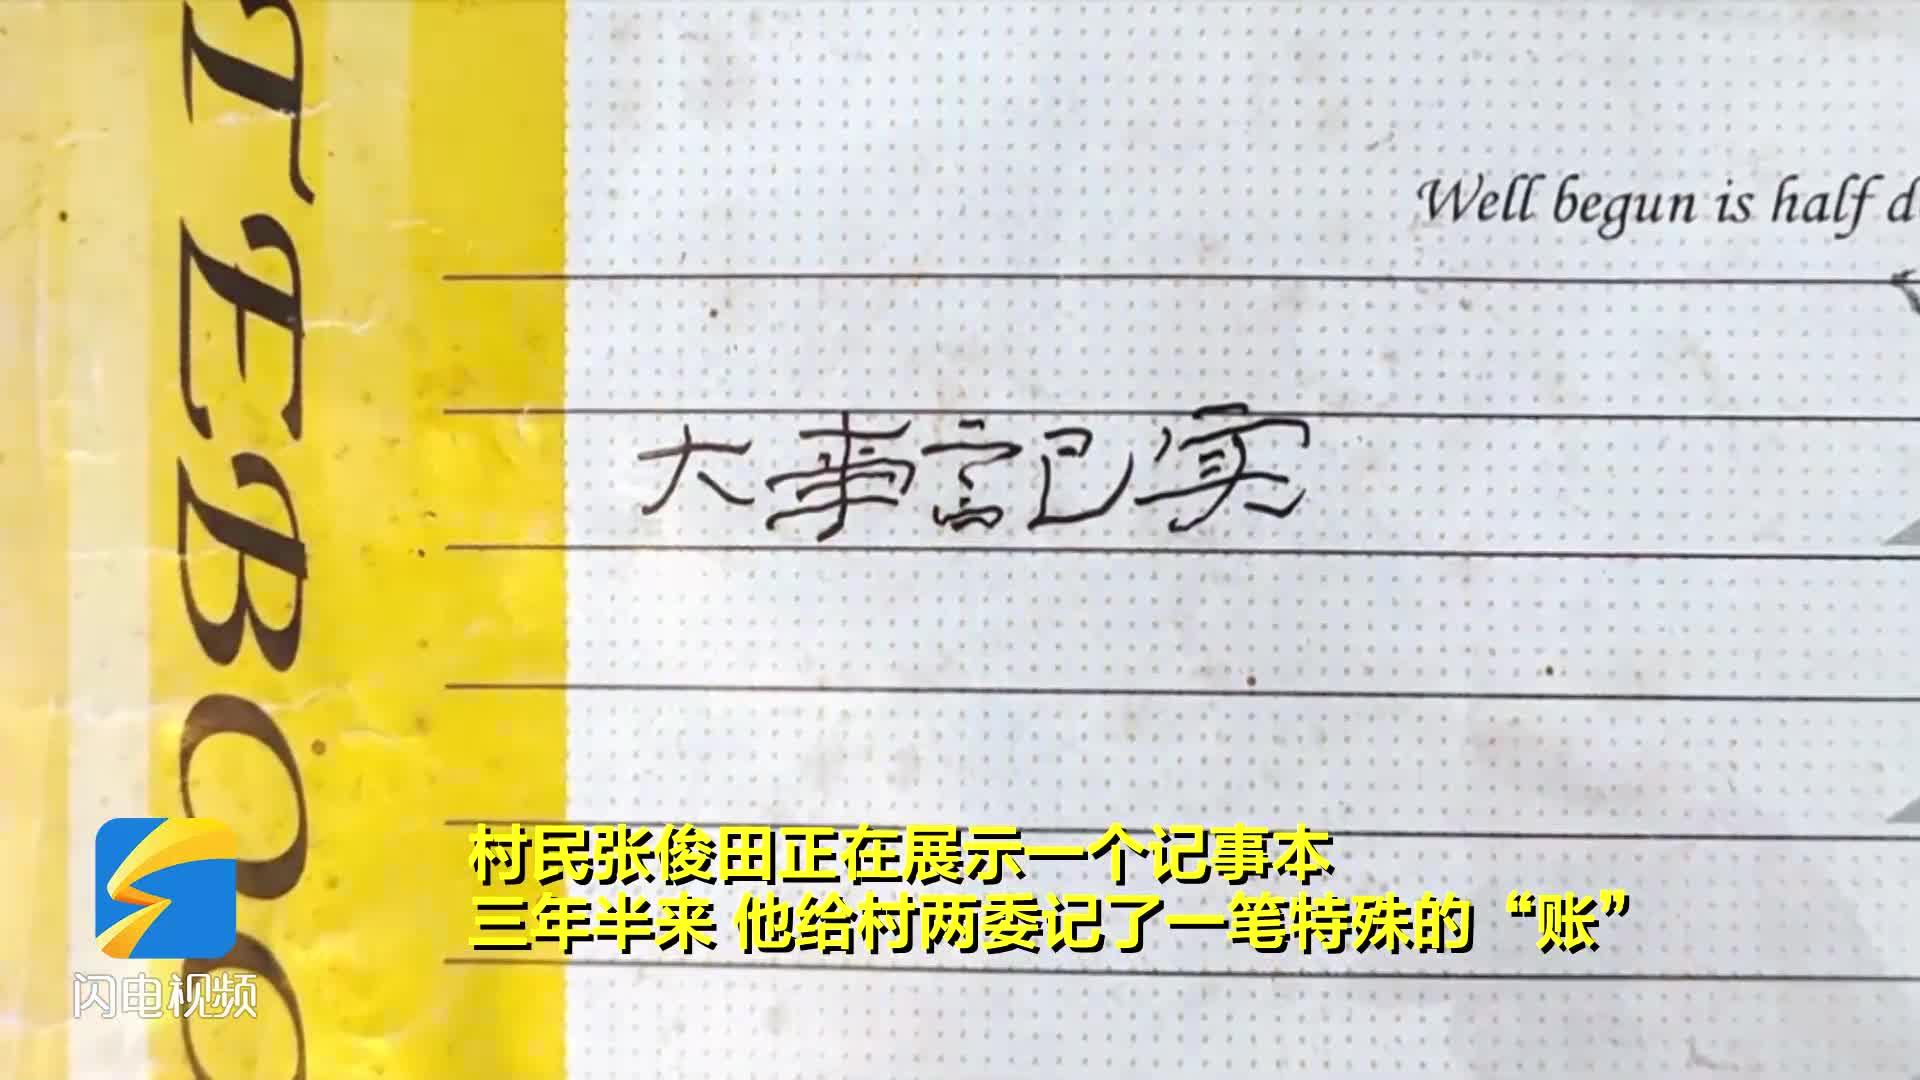 潍坊寿光:小本子记录大民生